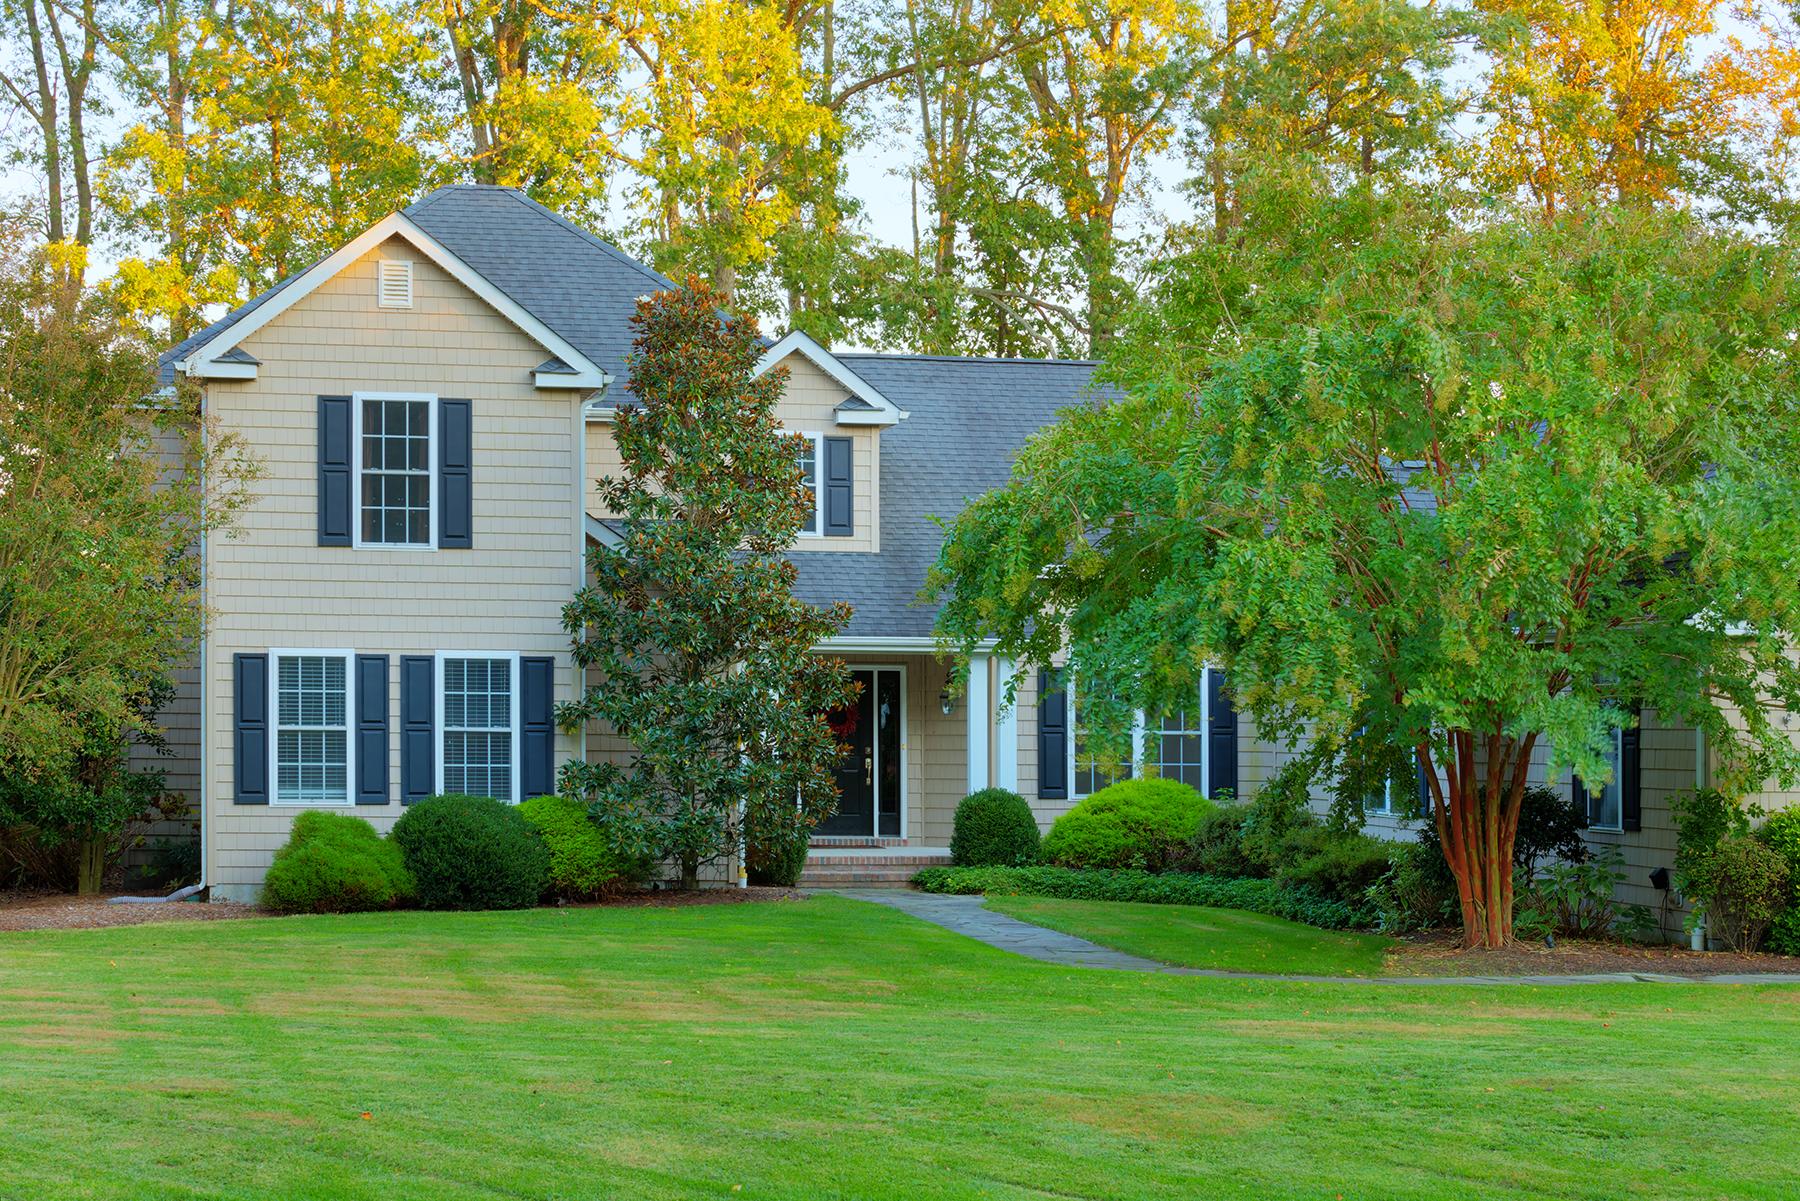 Частный односемейный дом для того Продажа на 16194 Red Fox Lane , Milton, DE 19968 16194 Red Fox Lane Milton, 19968 Соединенные Штаты